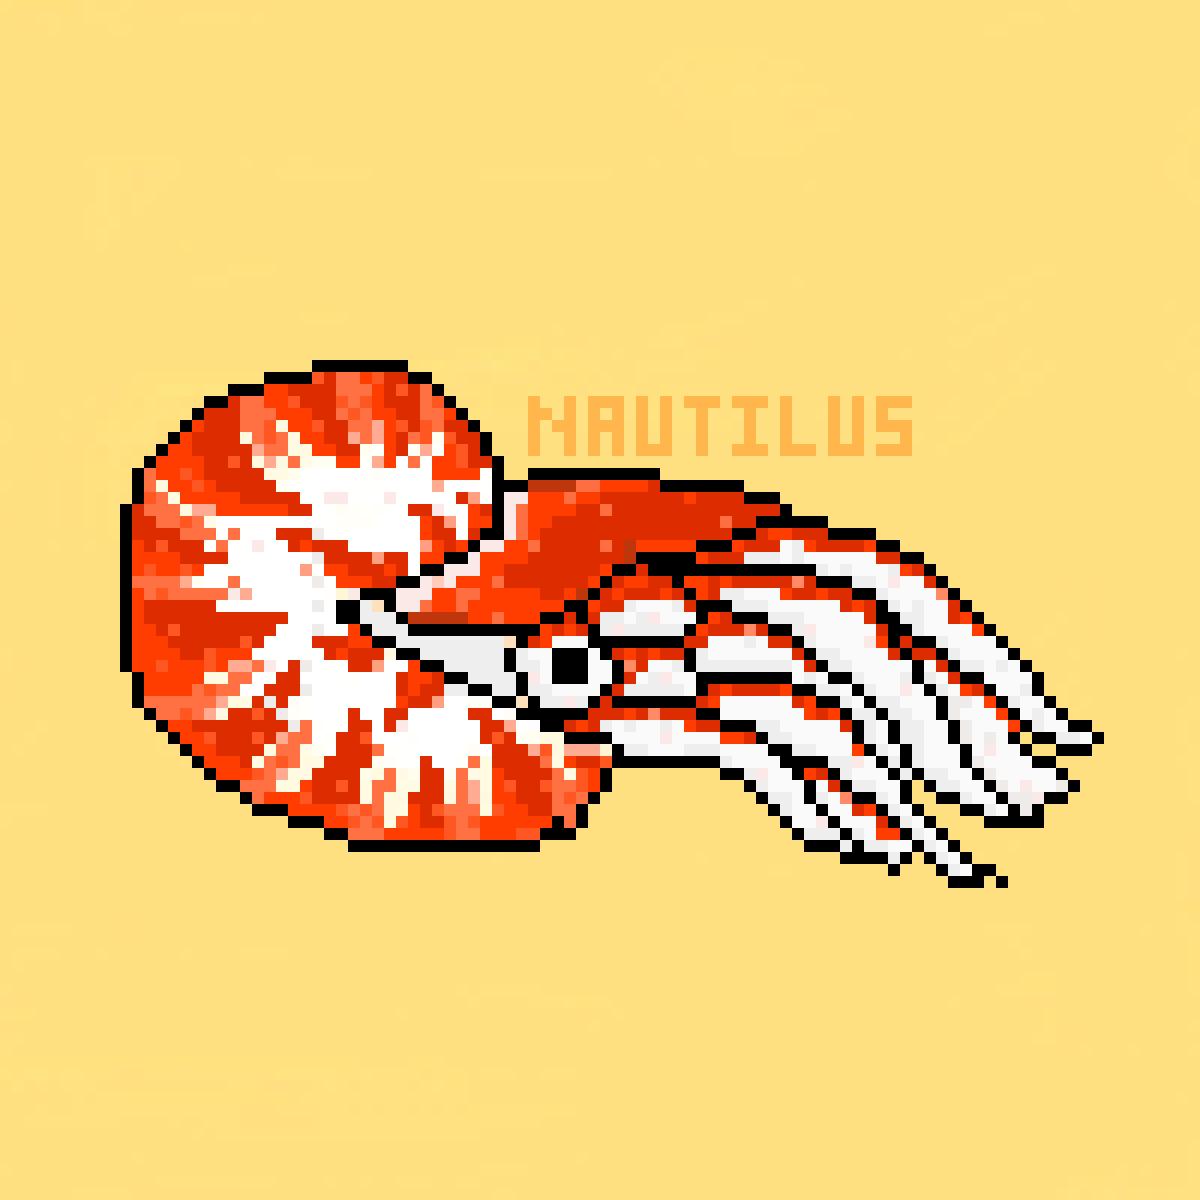 Nautilus by snappyjaw